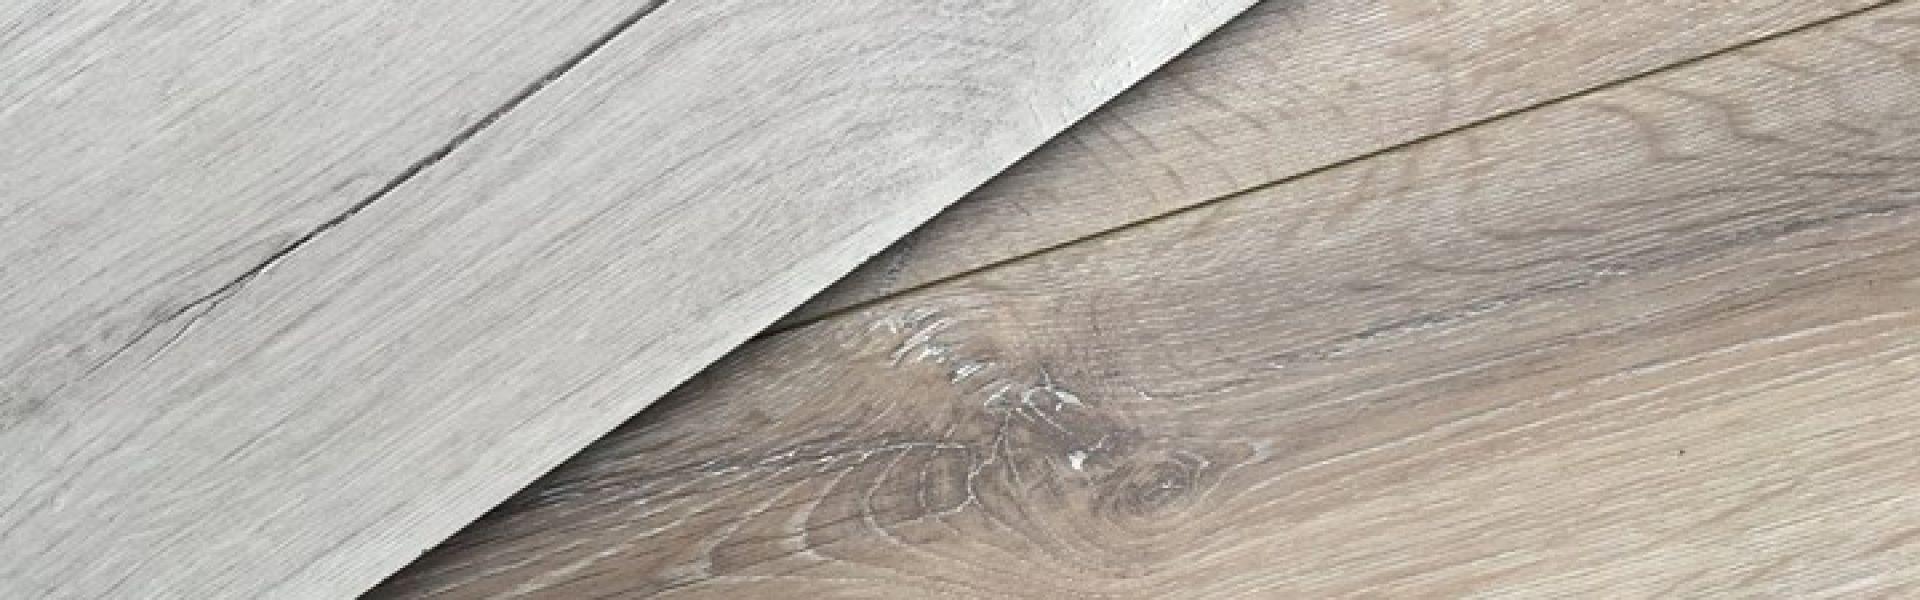 AC5 Laminate Flooring